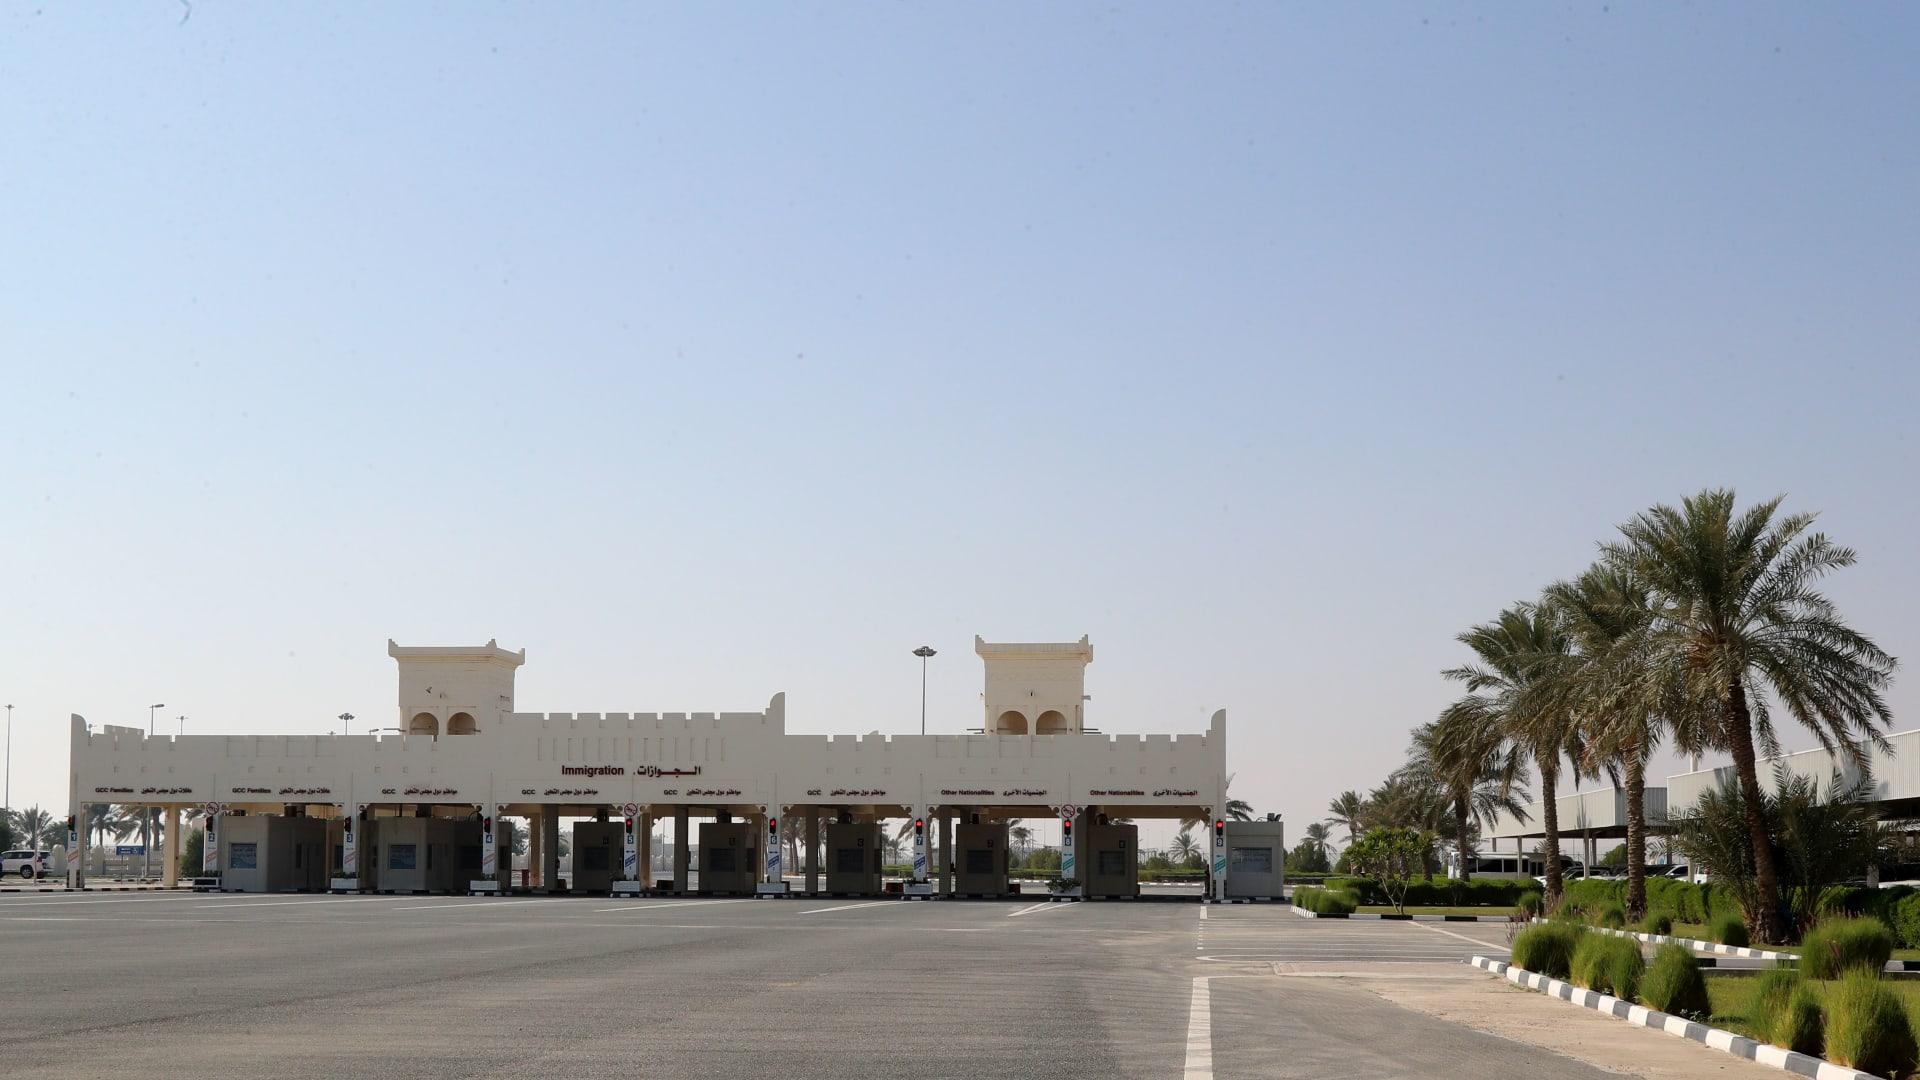 فتح الحدود بين قطر والسعودية.. وأول رحلة للخطوط القطرية عبرت أجواء المملكة